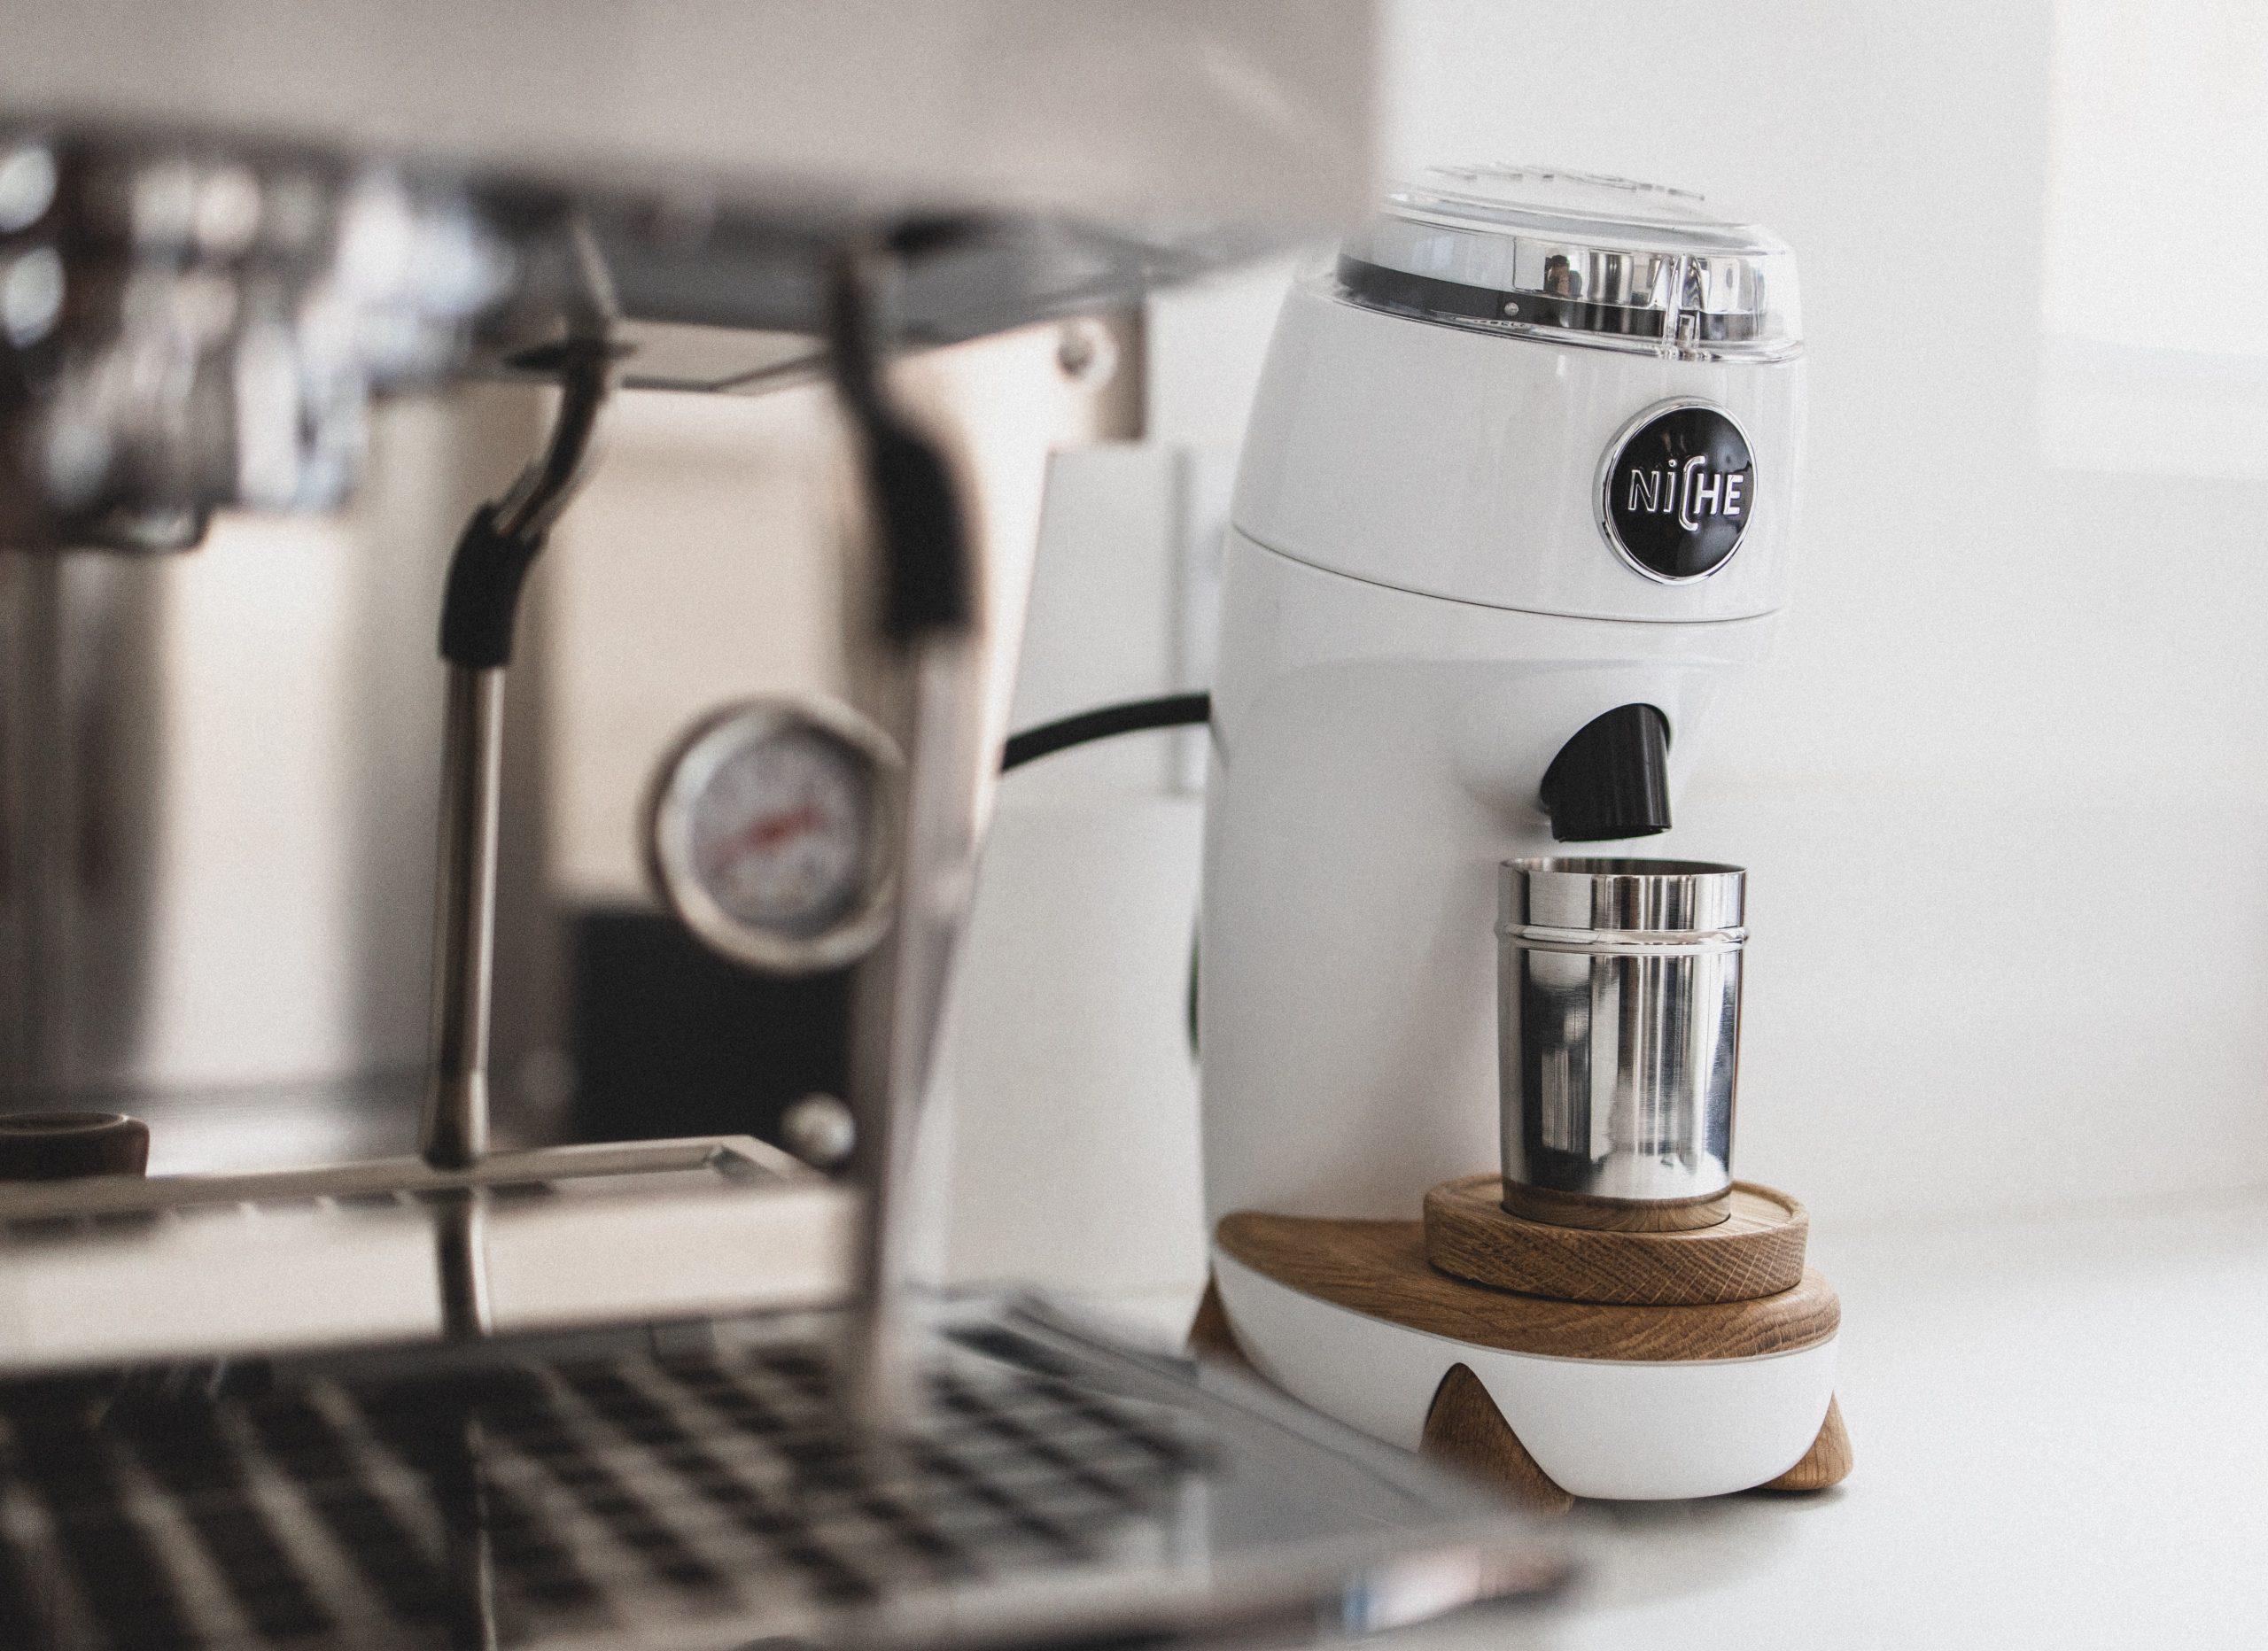 Niche coffe machine